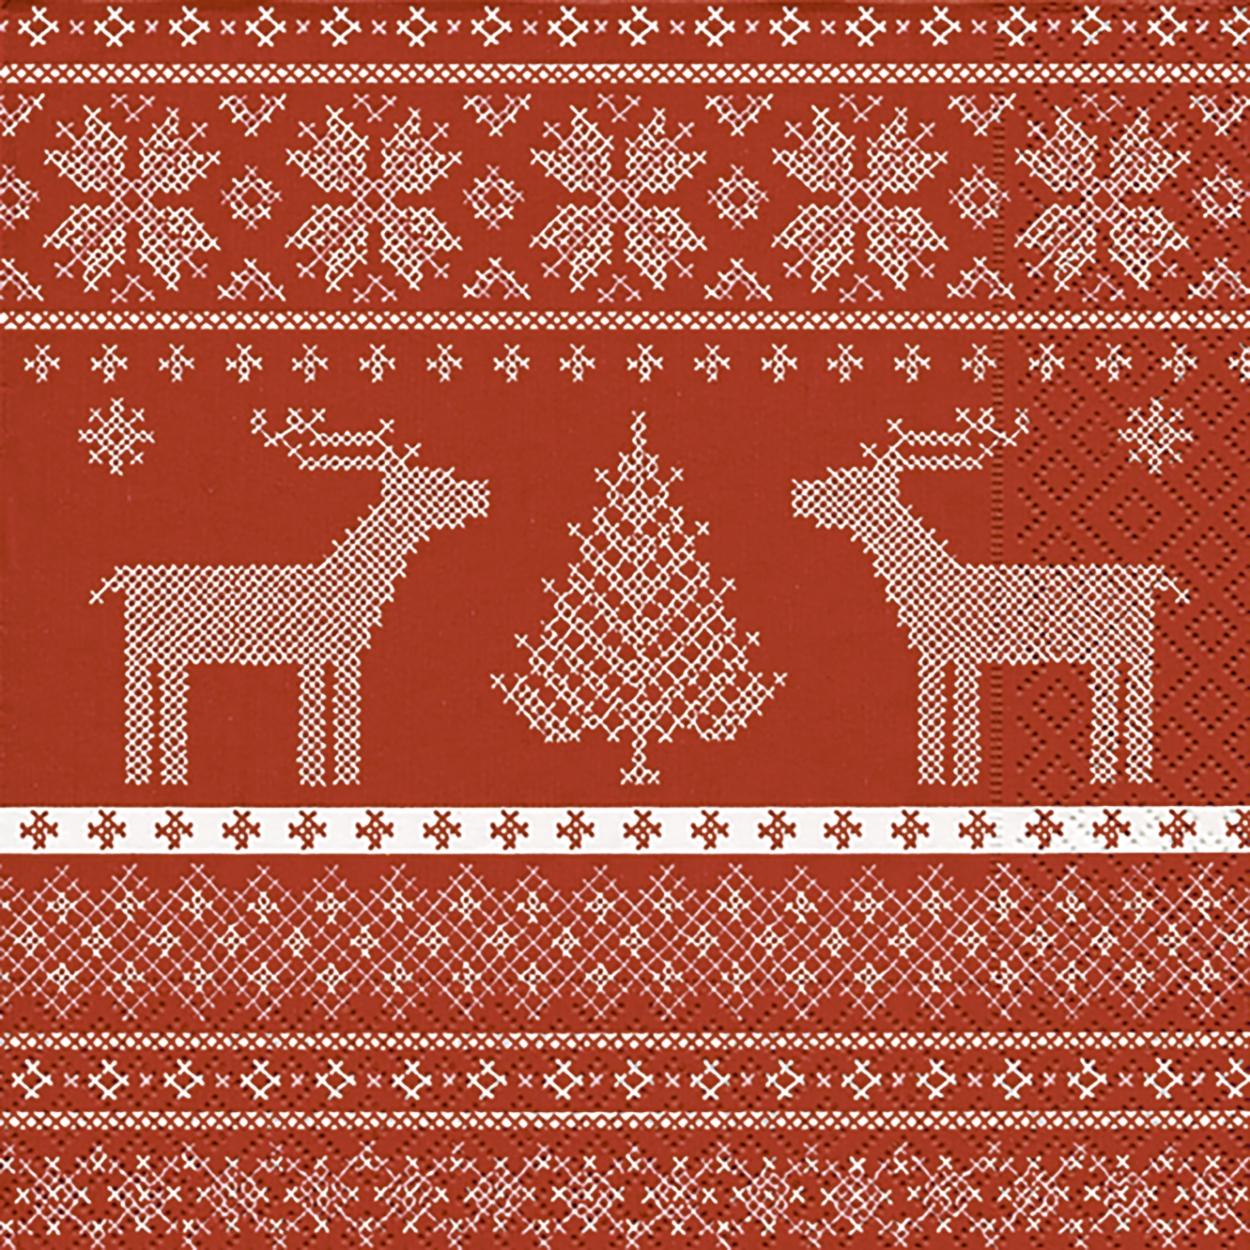 Servietten / Rentiere,  Tiere - Rentiere,  Weihnachten - Weihnachtsbaum,  Weihnachten,  cocktail servietten,  Weihnachtsbaum,  Rentier